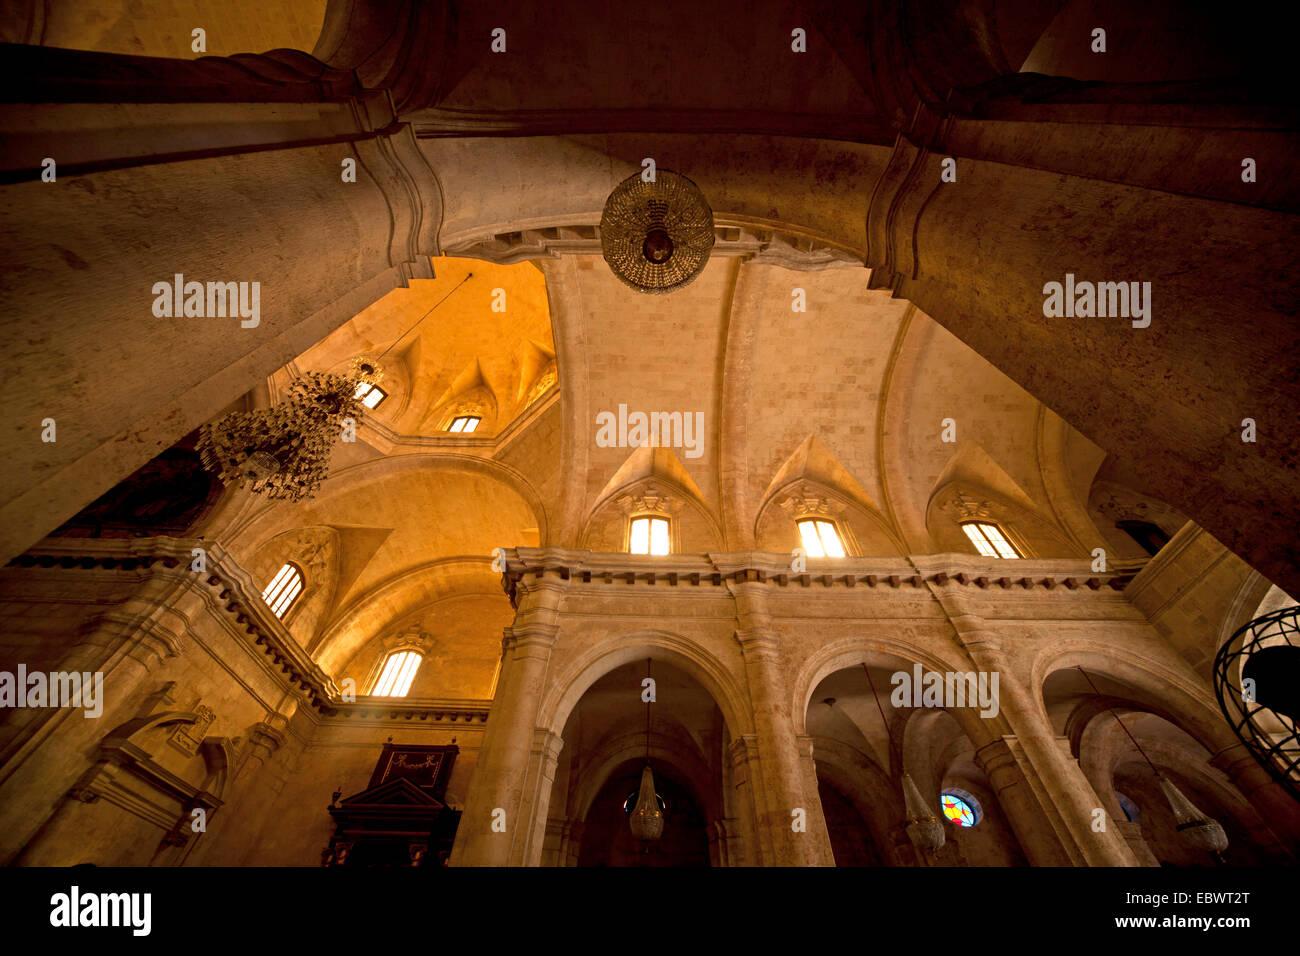 Intérieur de la cathédrale de San Cristobal, La Havane, Cuba Photo Stock